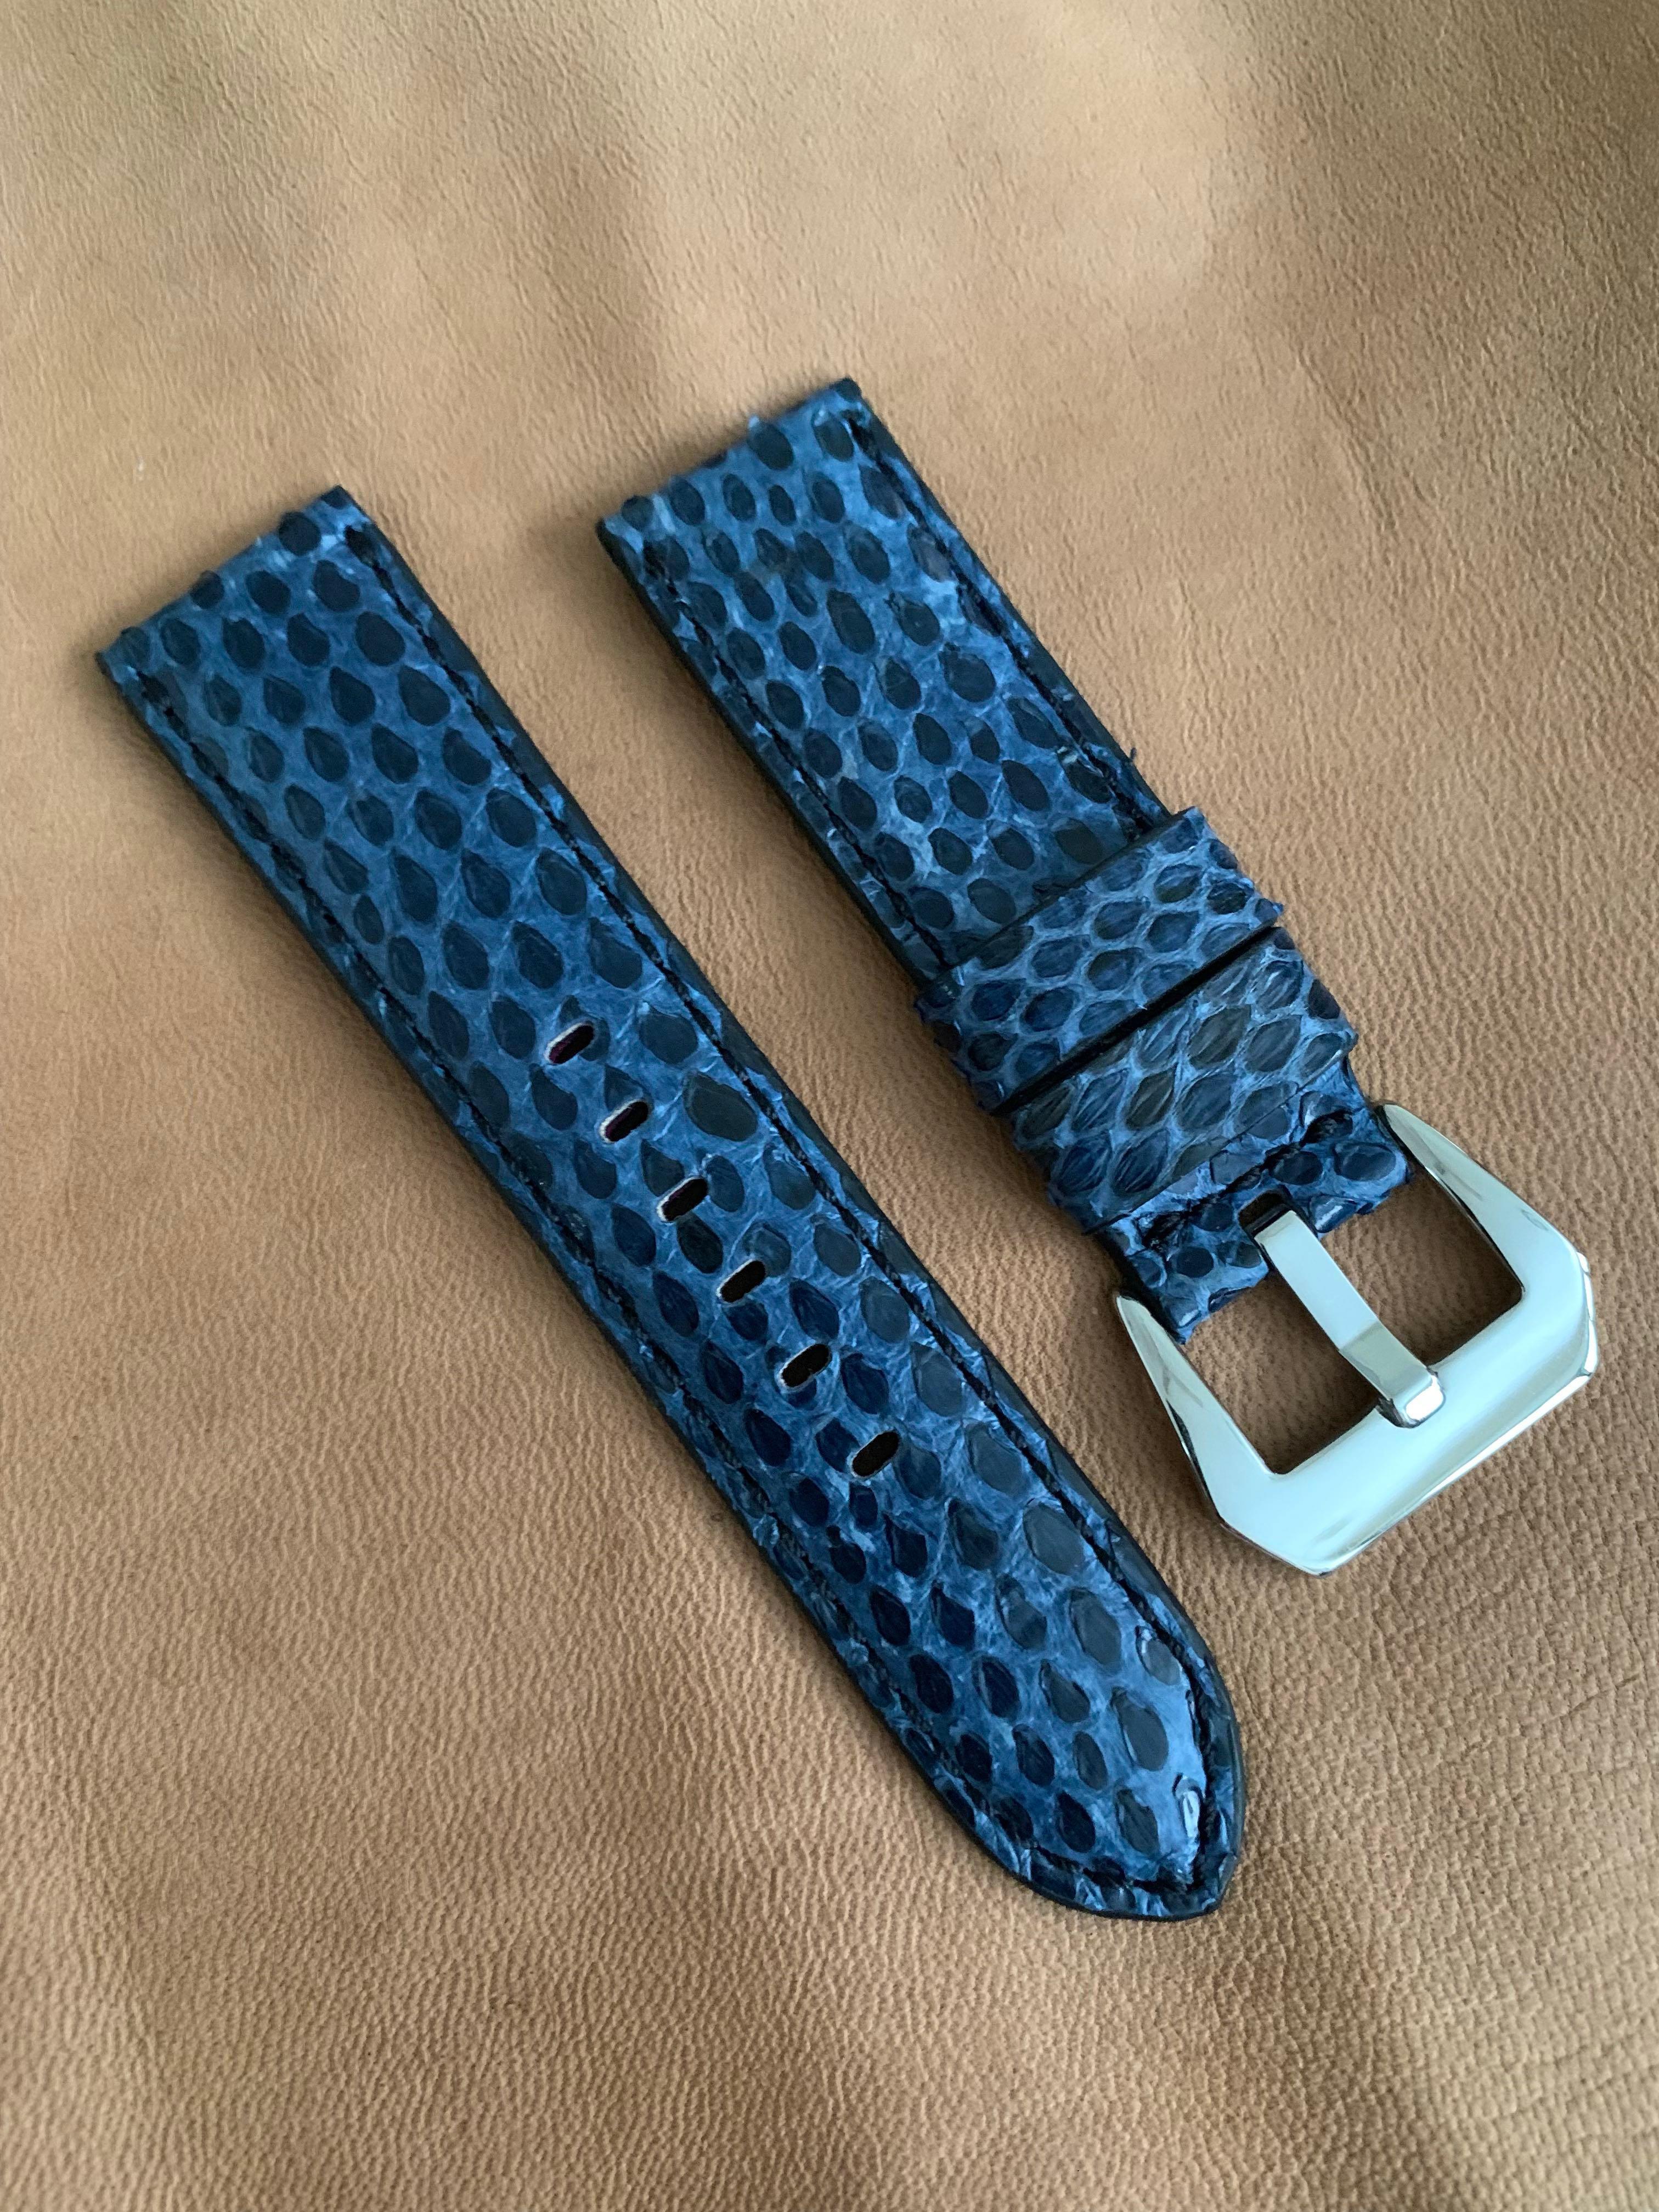 Genuine alligator crocodile ostrich watch straps for Seiko / Grand Seiko